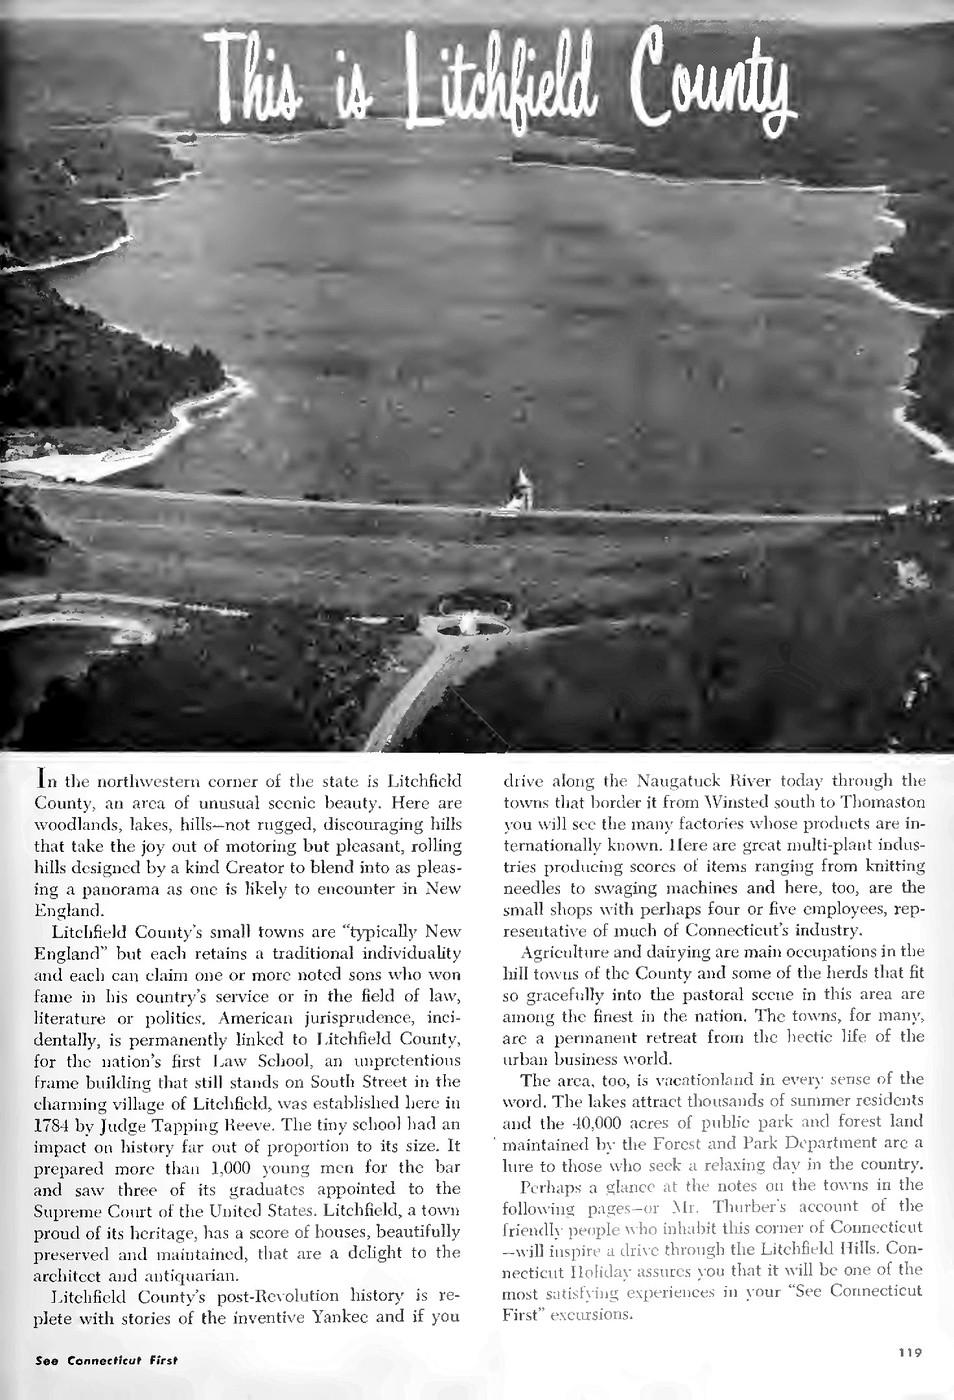 PAGE119-vi.jpg